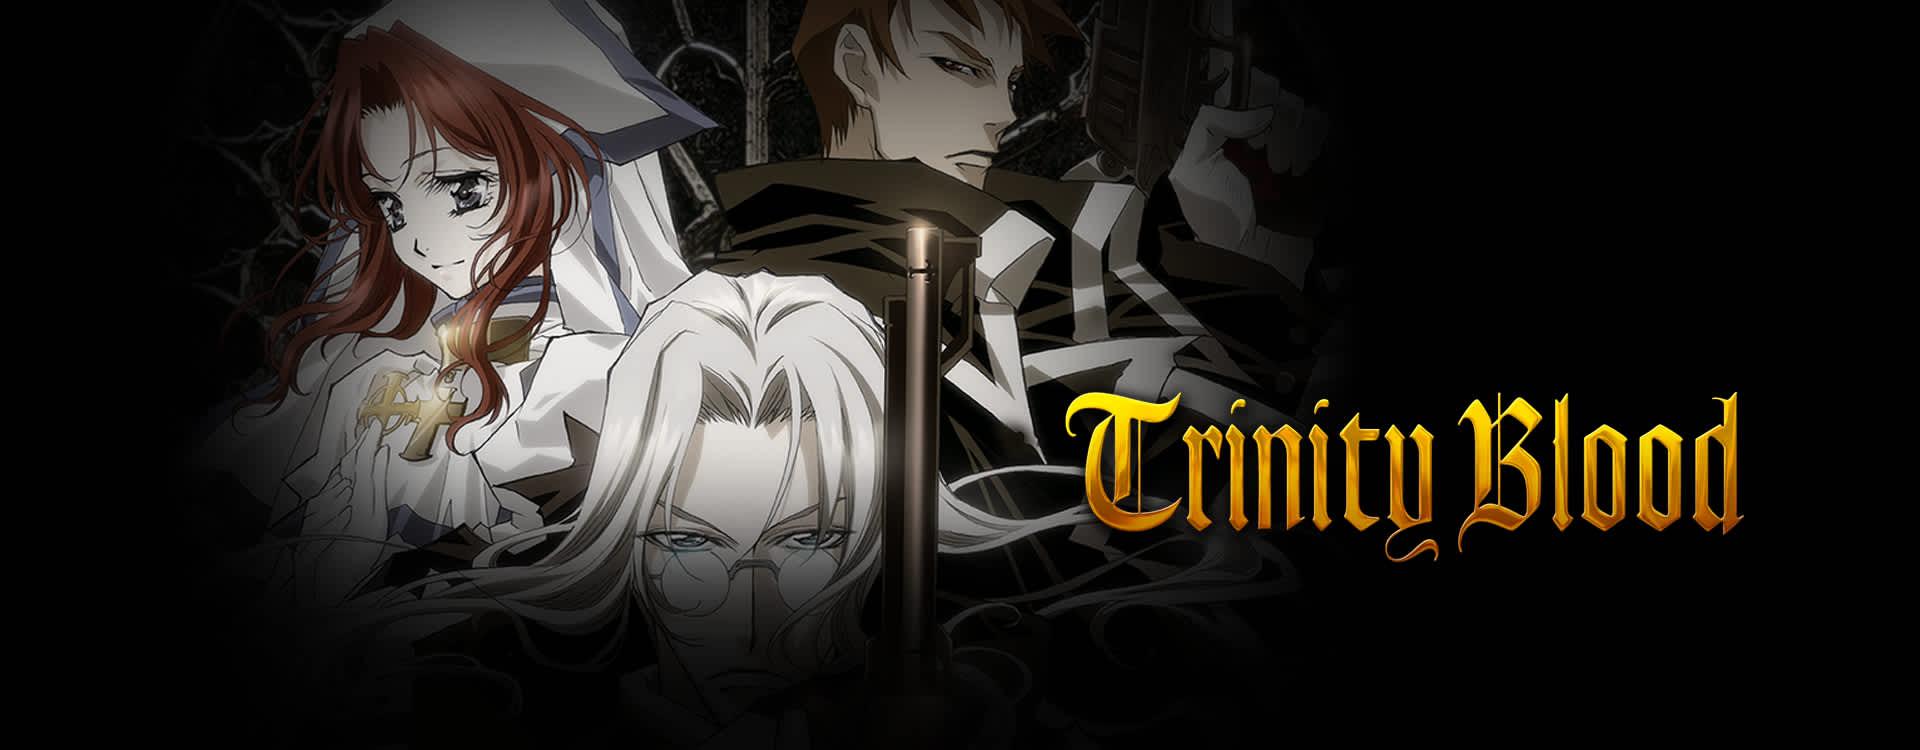 Trinity blood episodio 24 la corona de espinas 2 el peso del juramento - 5 9